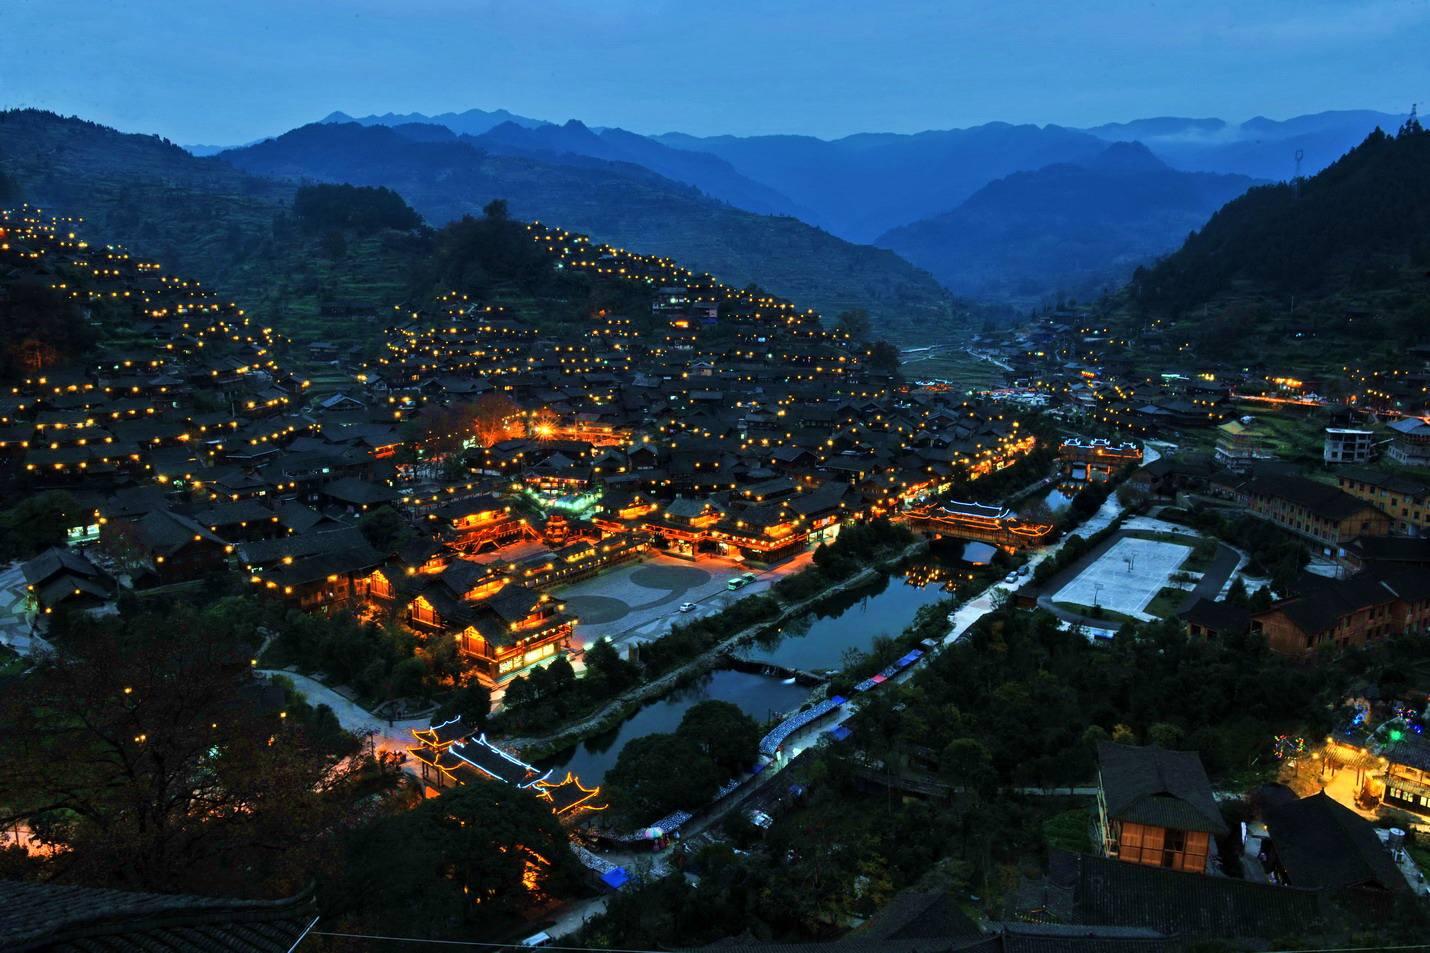 惠泽天下旅行社提供专业的跟团旅游服务,贵阳旅游黄果树